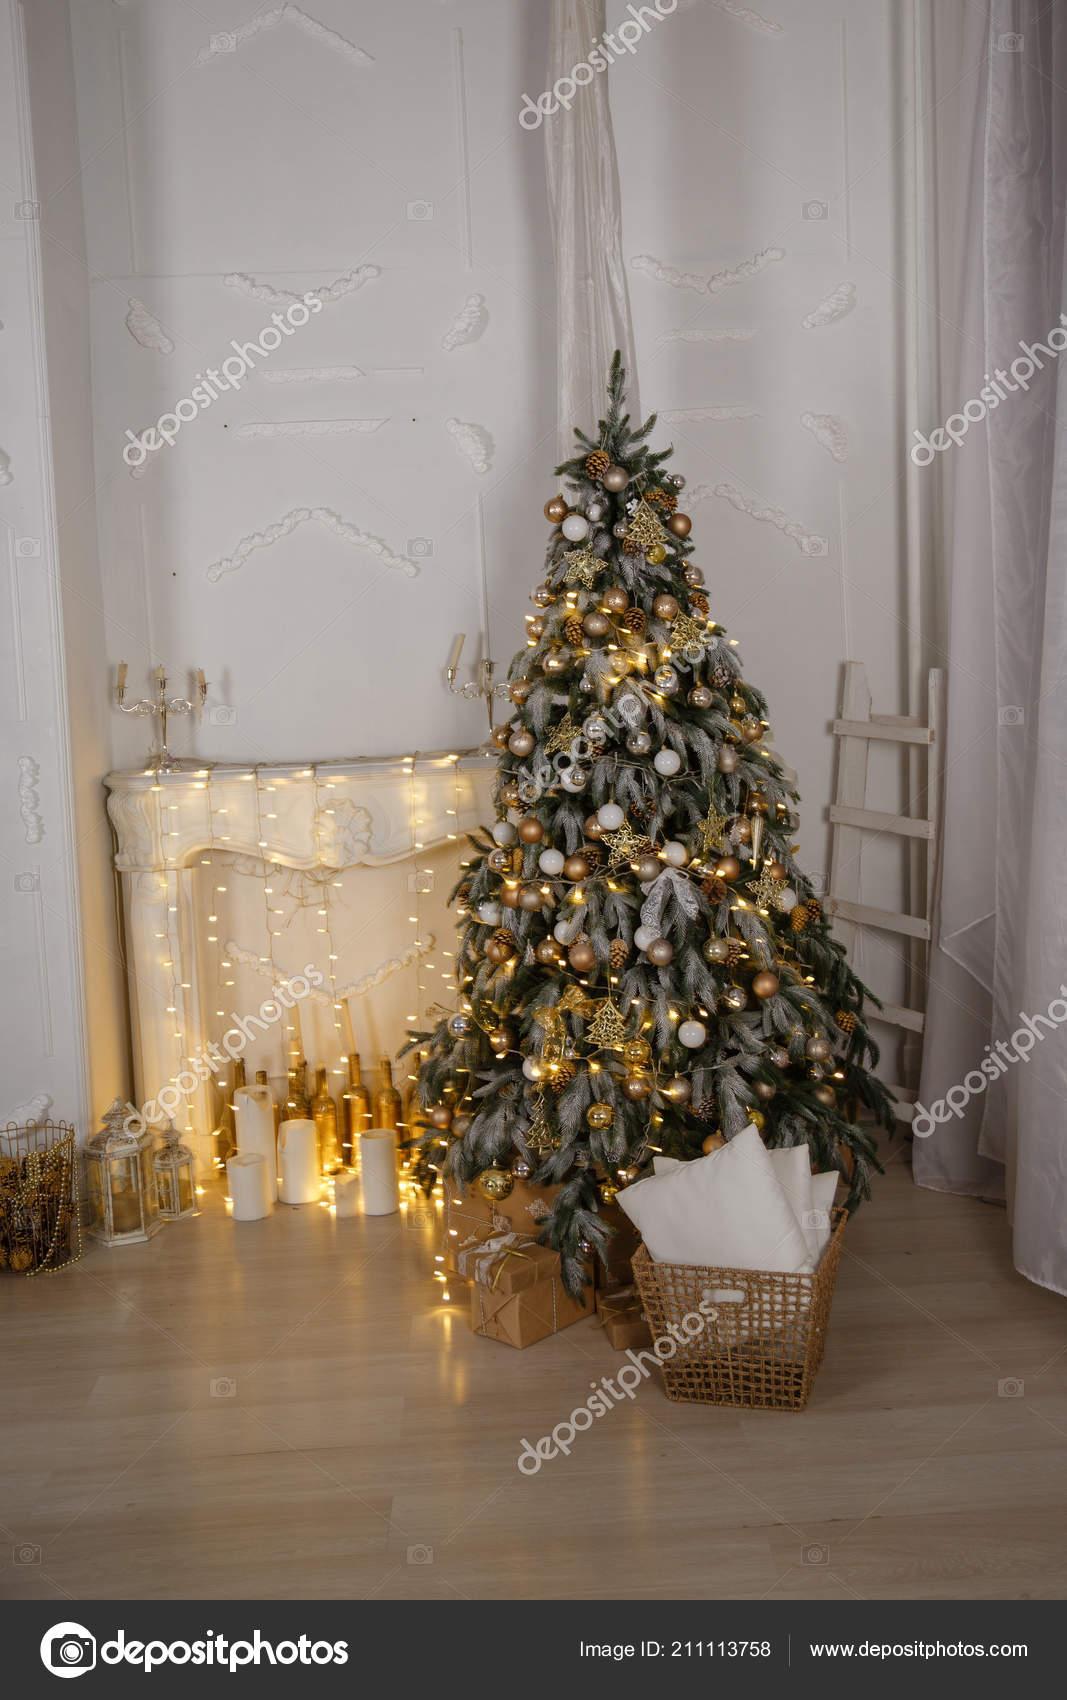 Arbol Navidad Decorado Con Varios Regalos Celebracion Navidad Ano - Fotos-arbol-navidad-decorados